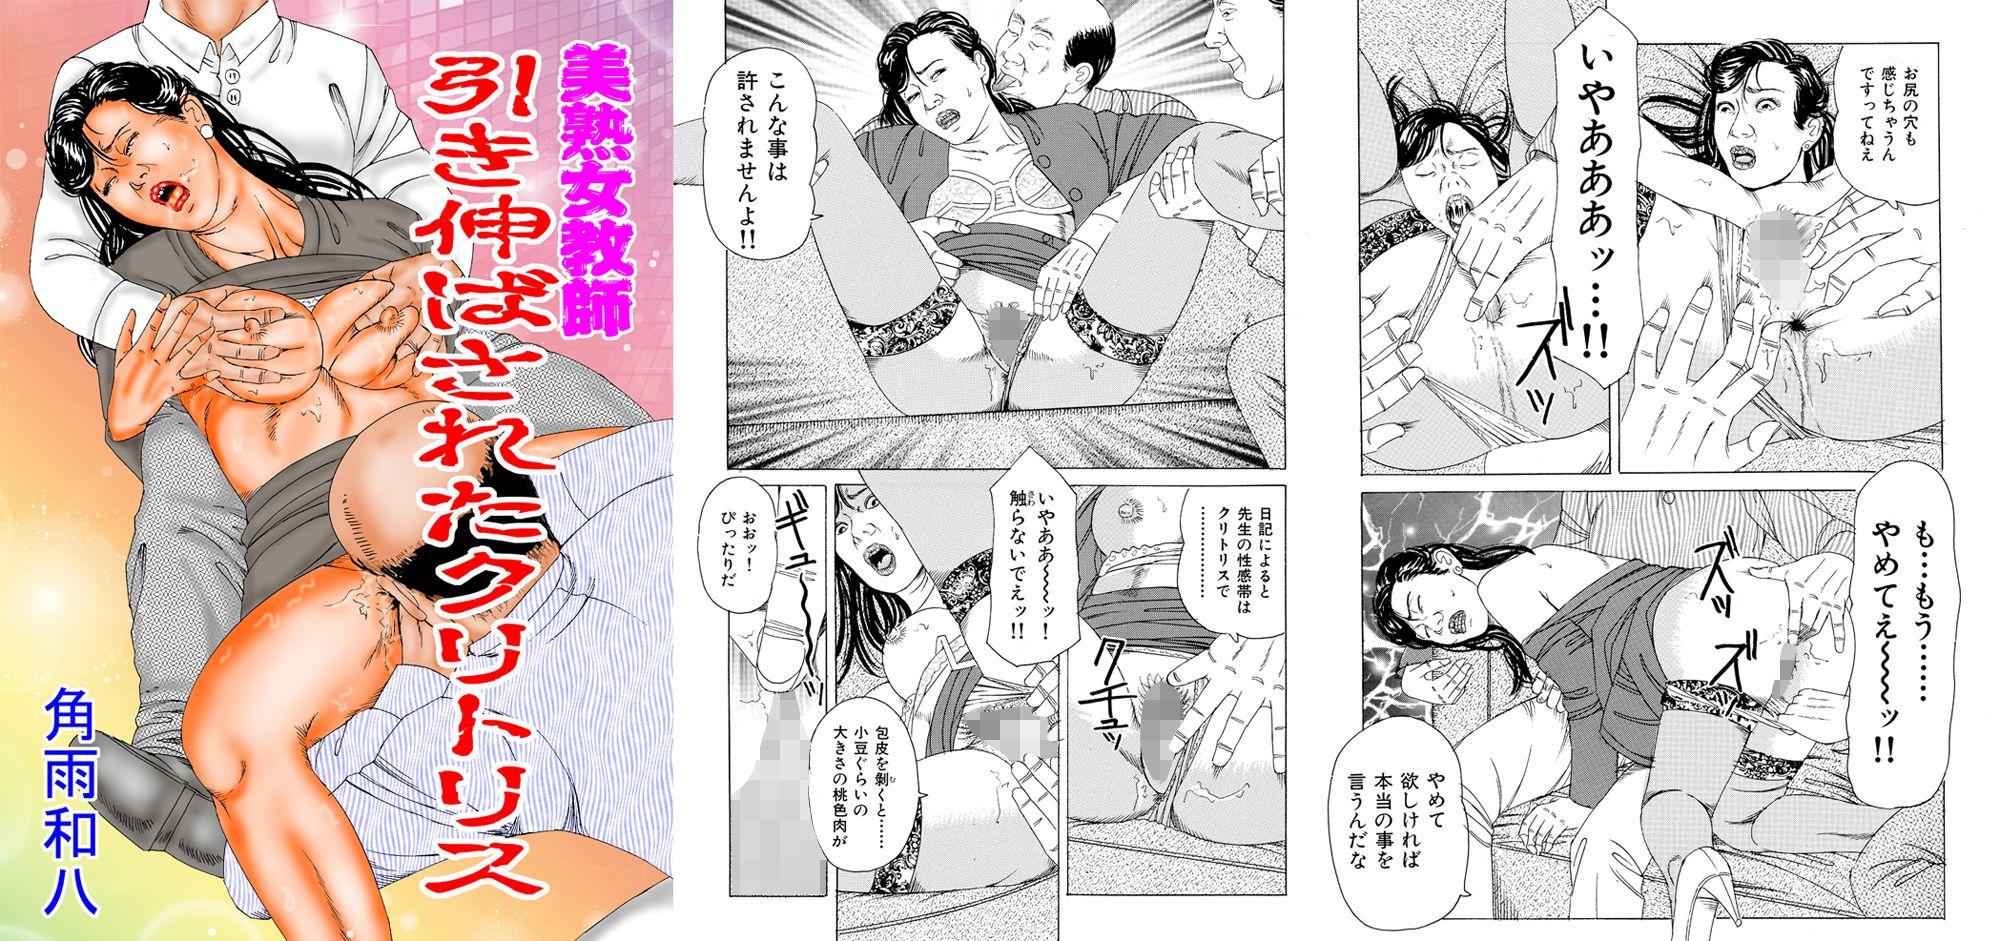 【角雨和八(つのあめかずや) 同人】美熟女教師曝け出されたワレメ